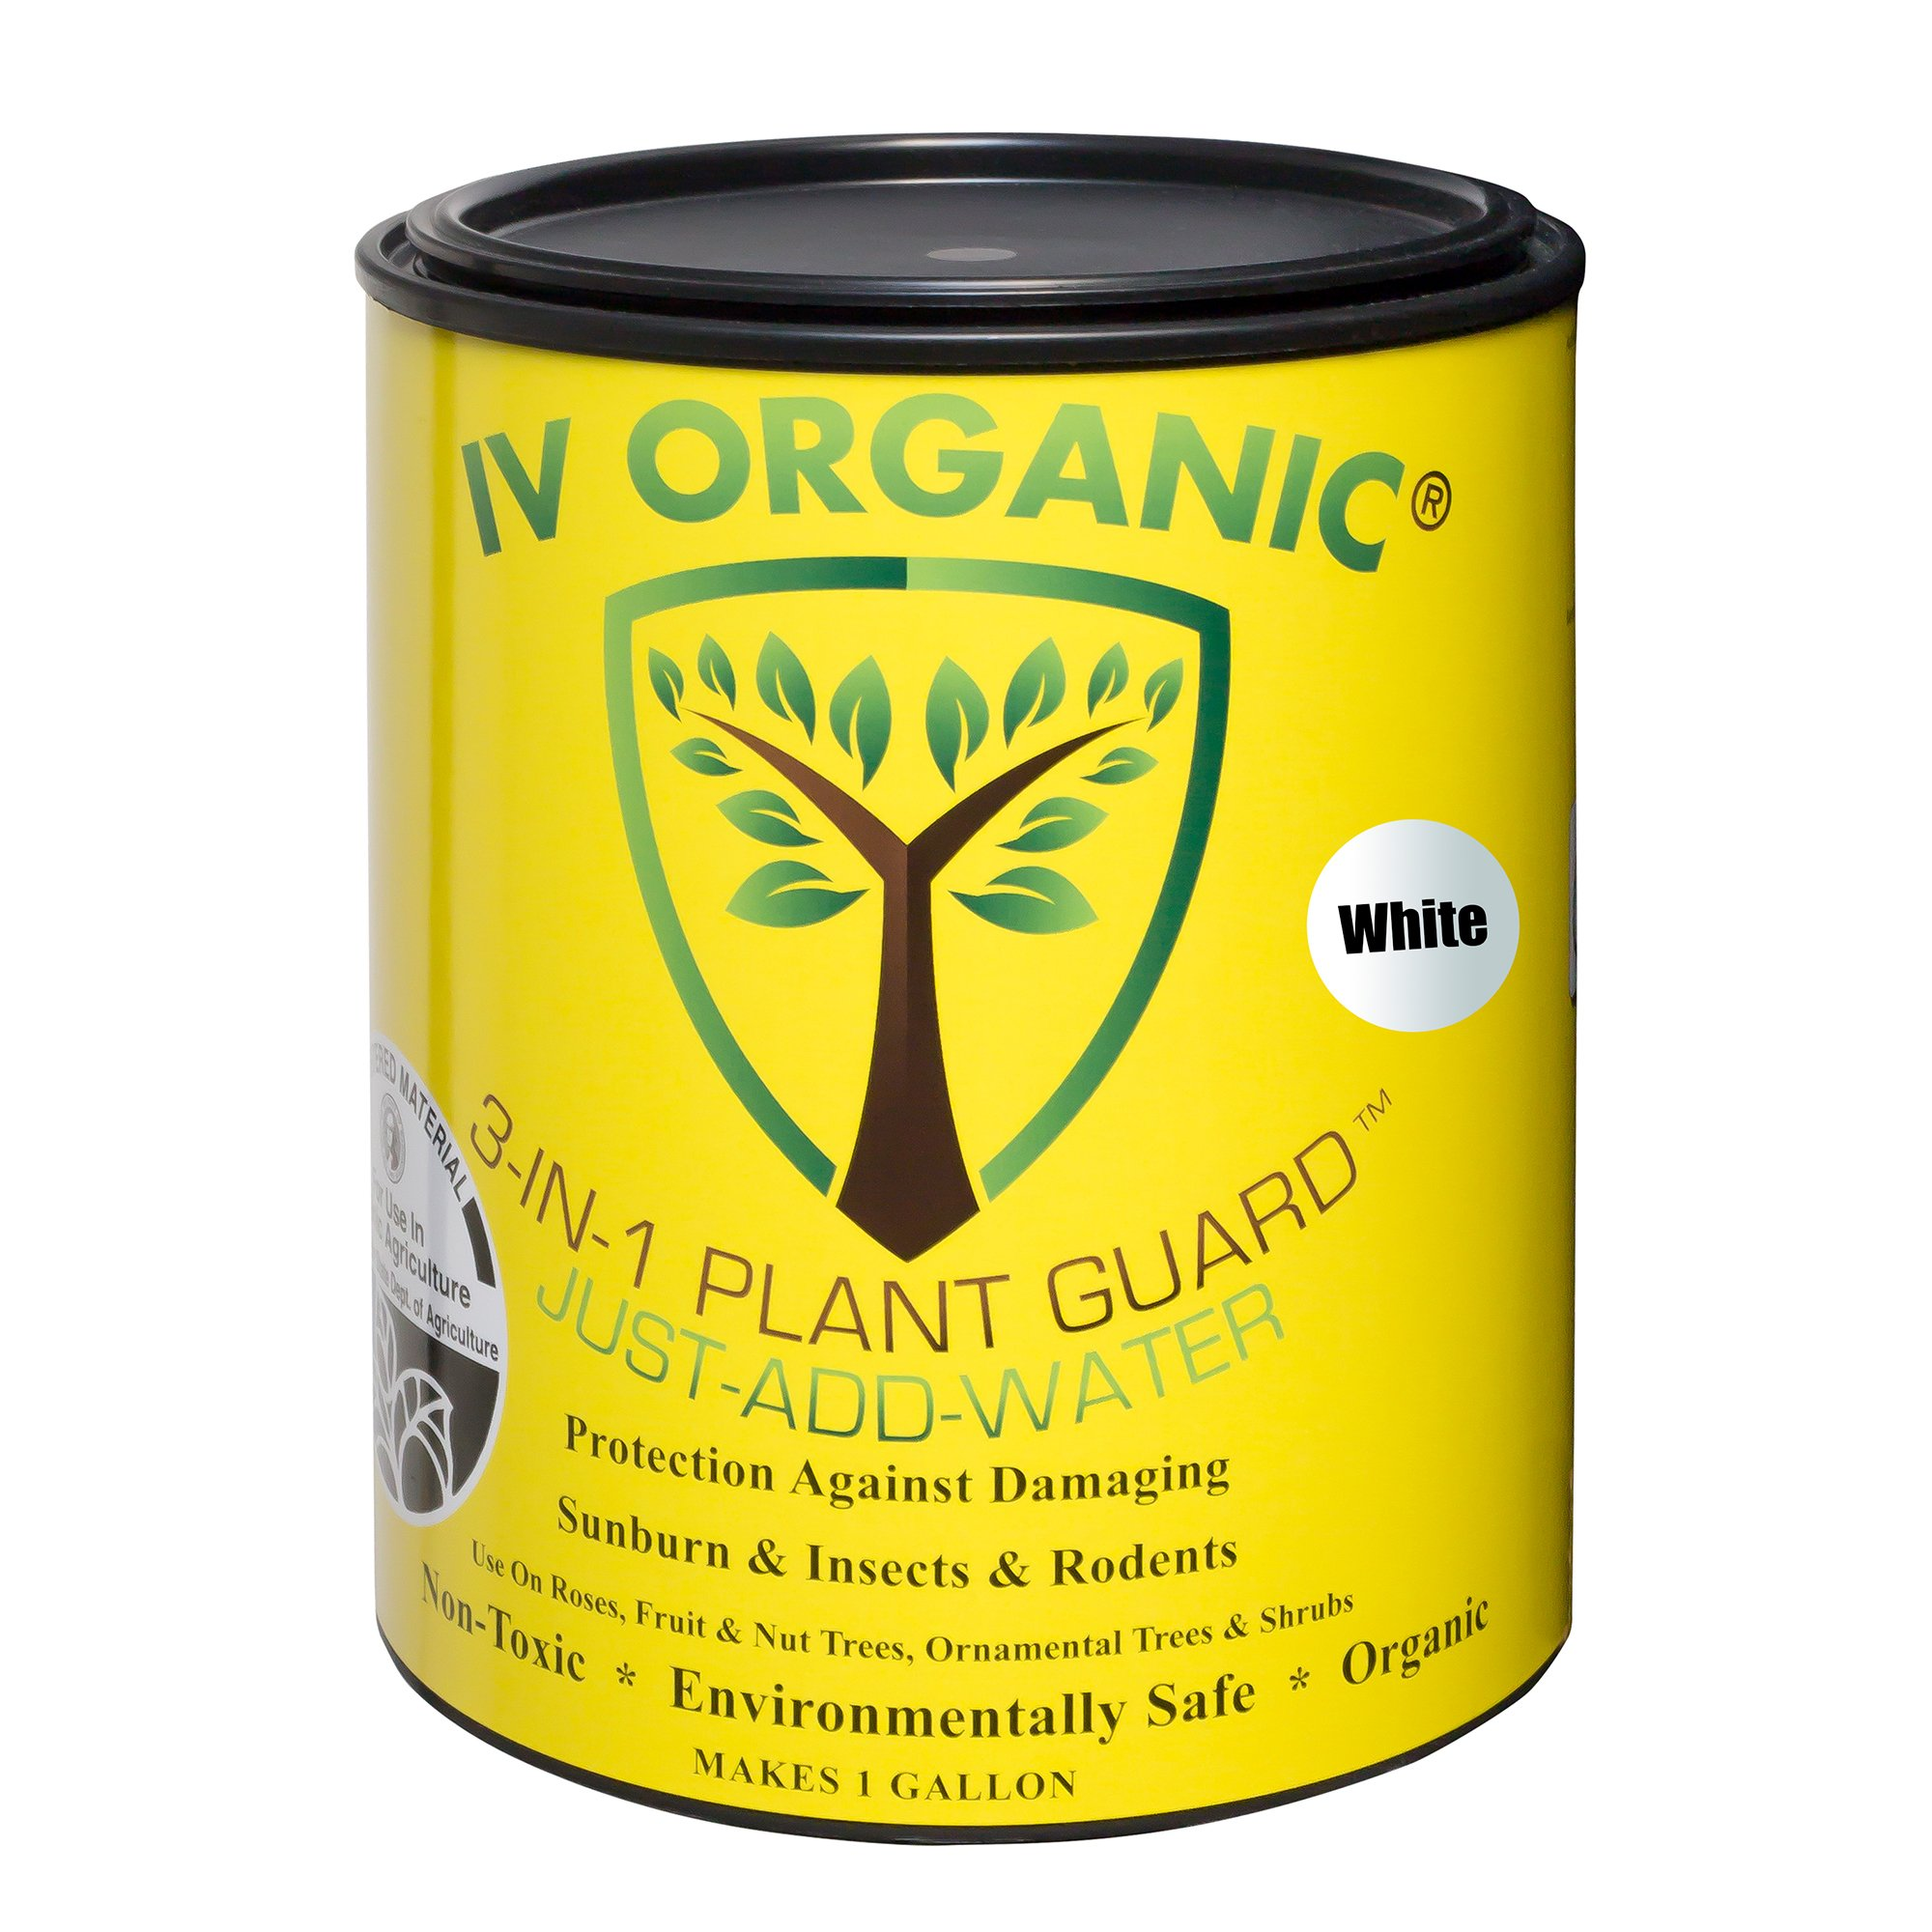 IV Organic 100534642 1 Gallon 3-in-1 Plant Guard White